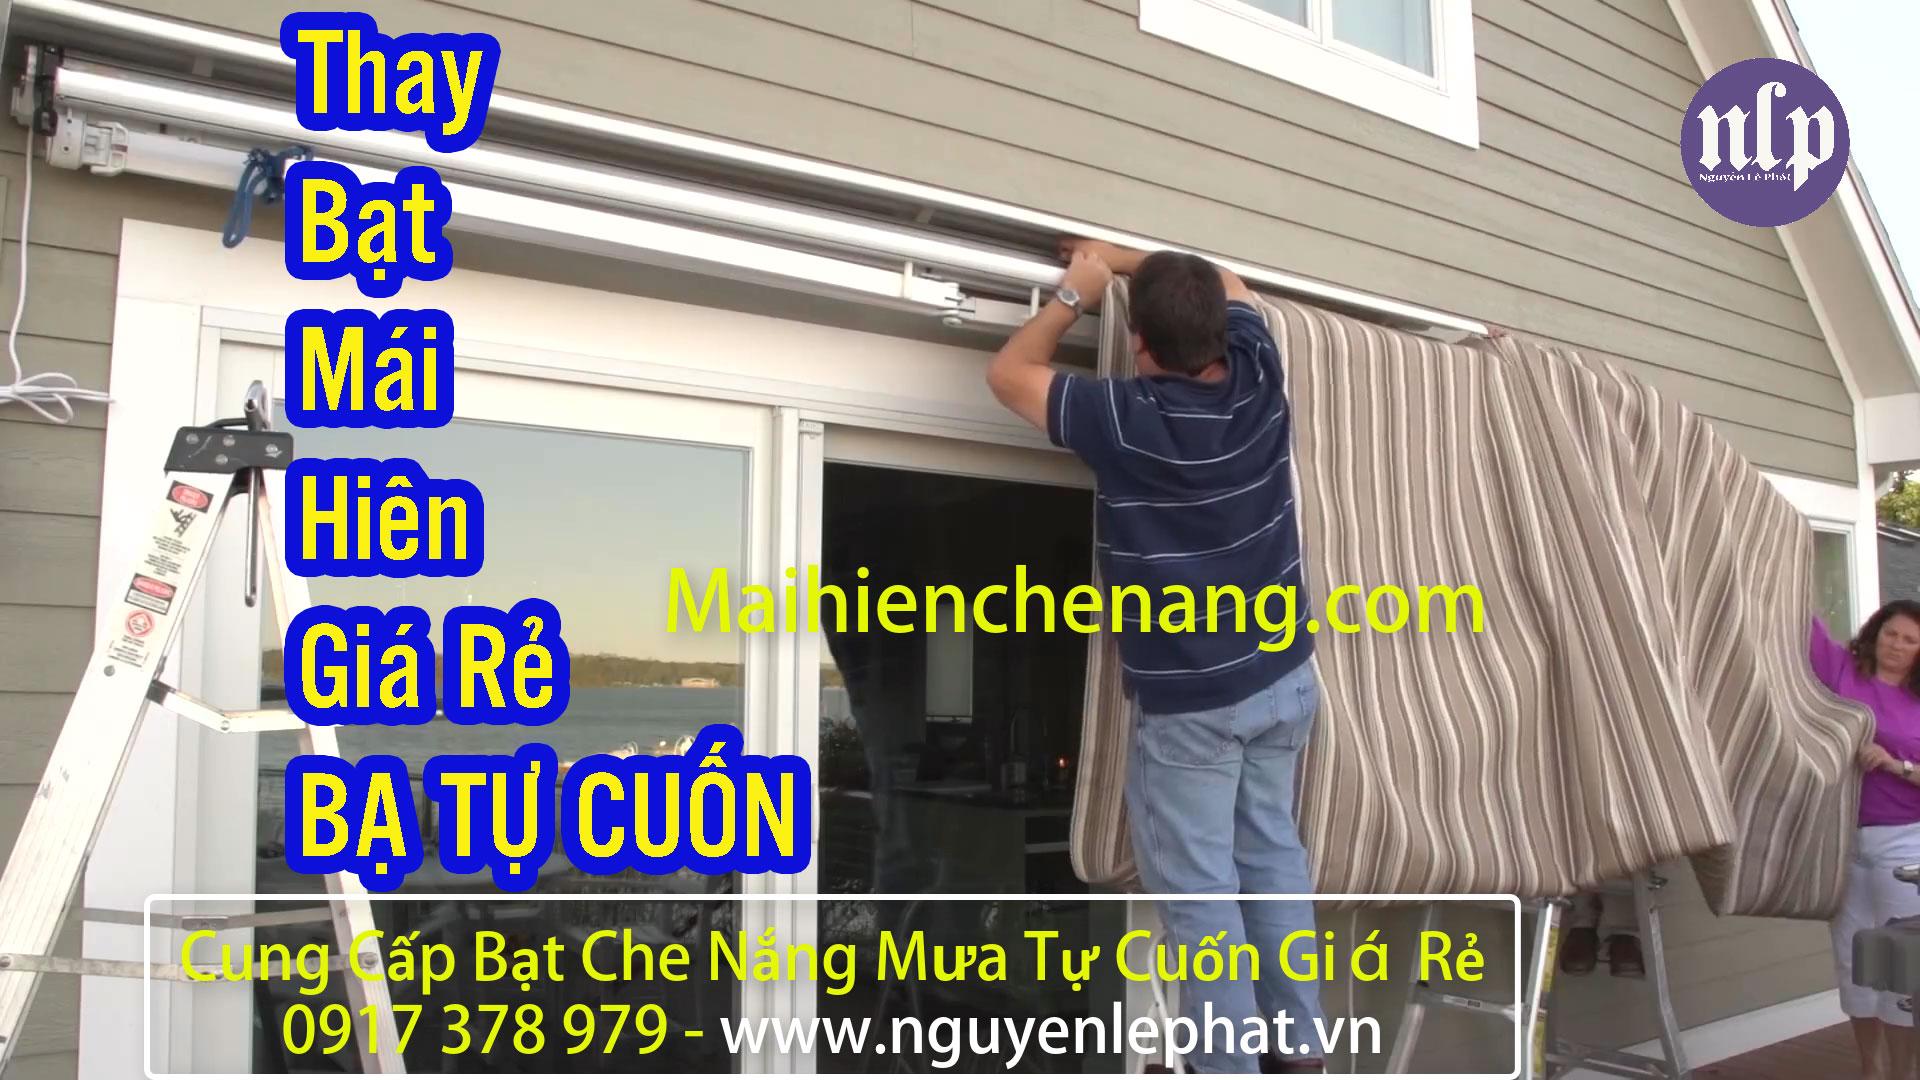 Thay Bạt Mái Hiên Che Nắng Quận 7, Lắp Bạt Che Nắng Tự Cuốn - Dù Che Mưa Quận 7